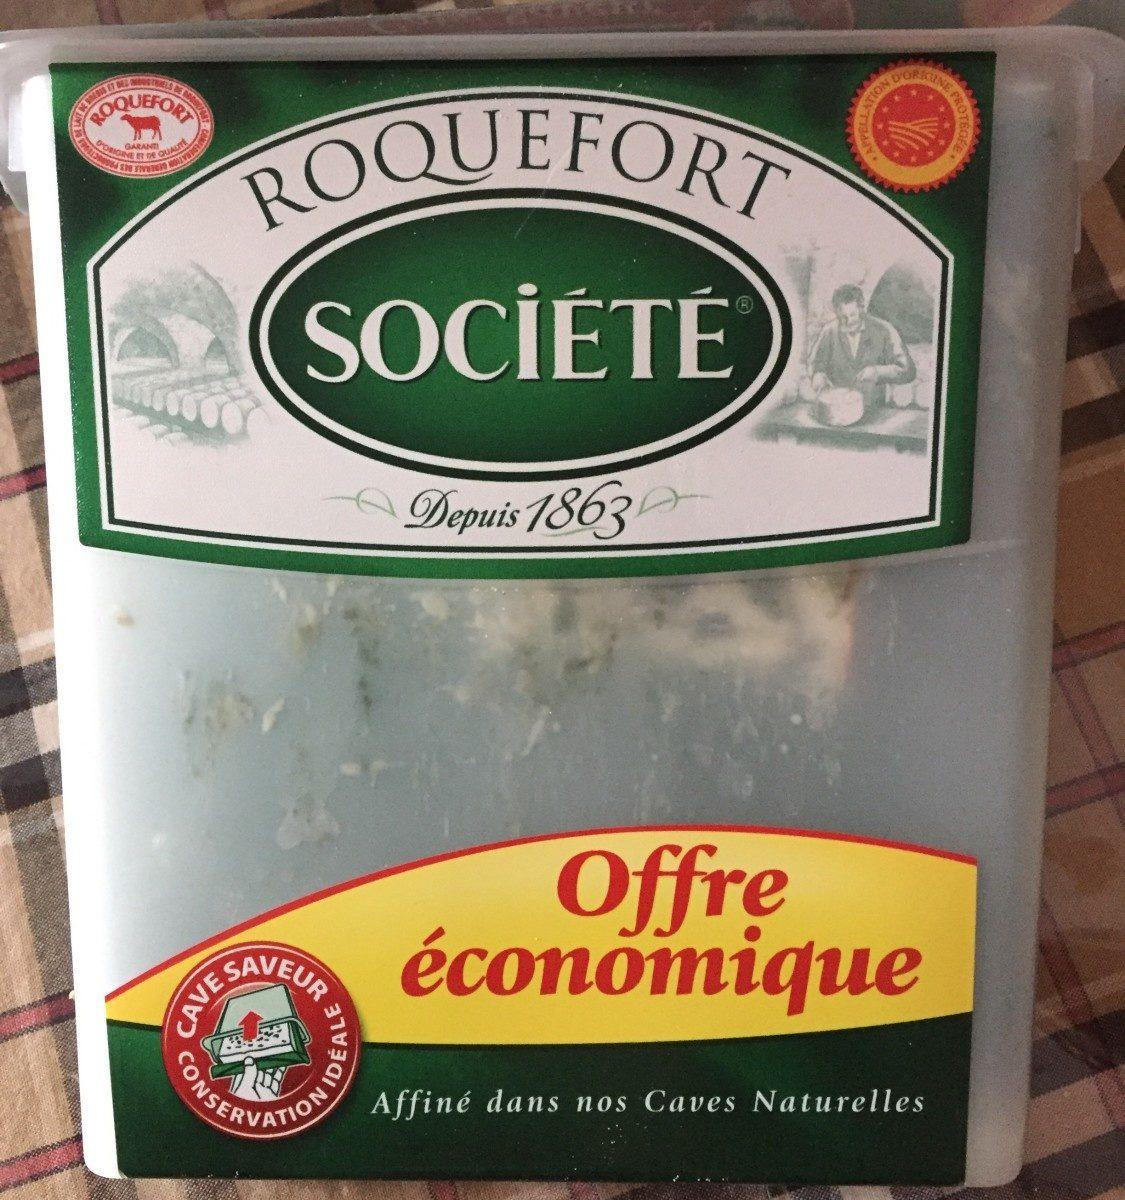 Roquefort SociГ©tГ©